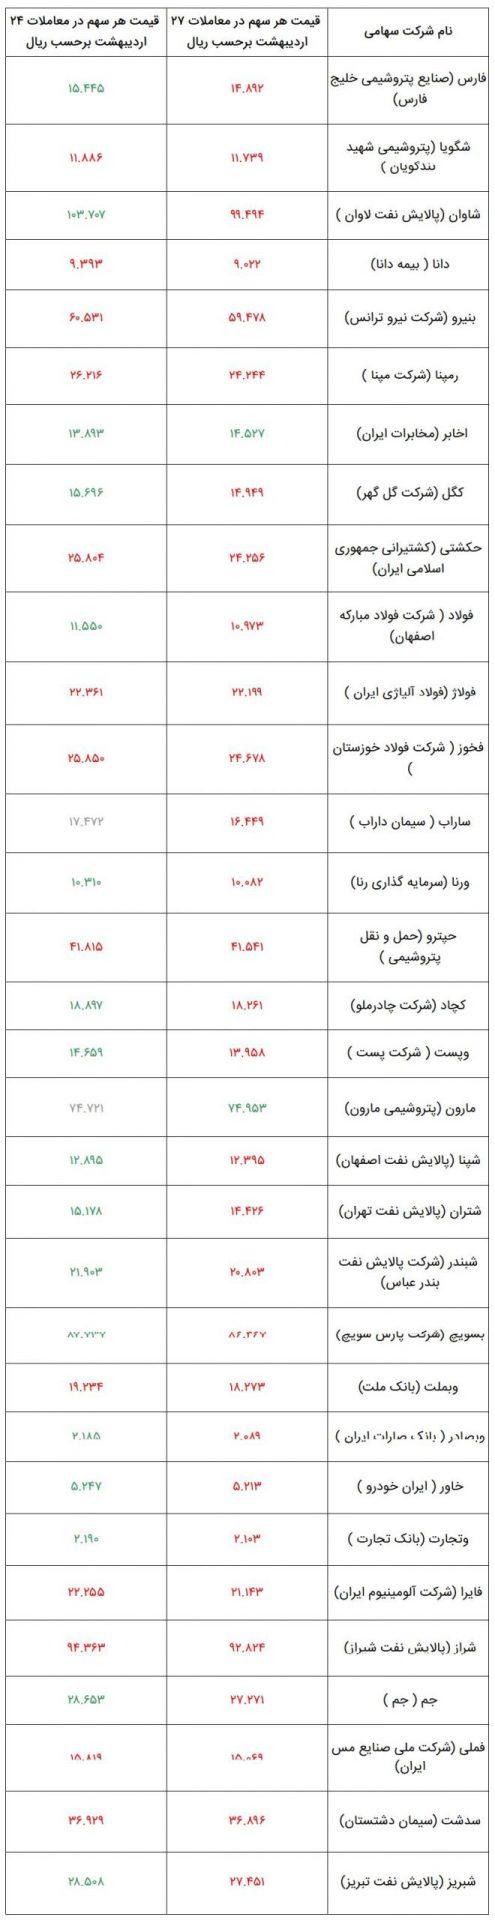 وضعیت شرکتهای بورسی سهام عدالت در ۲۷ اردیبهشت